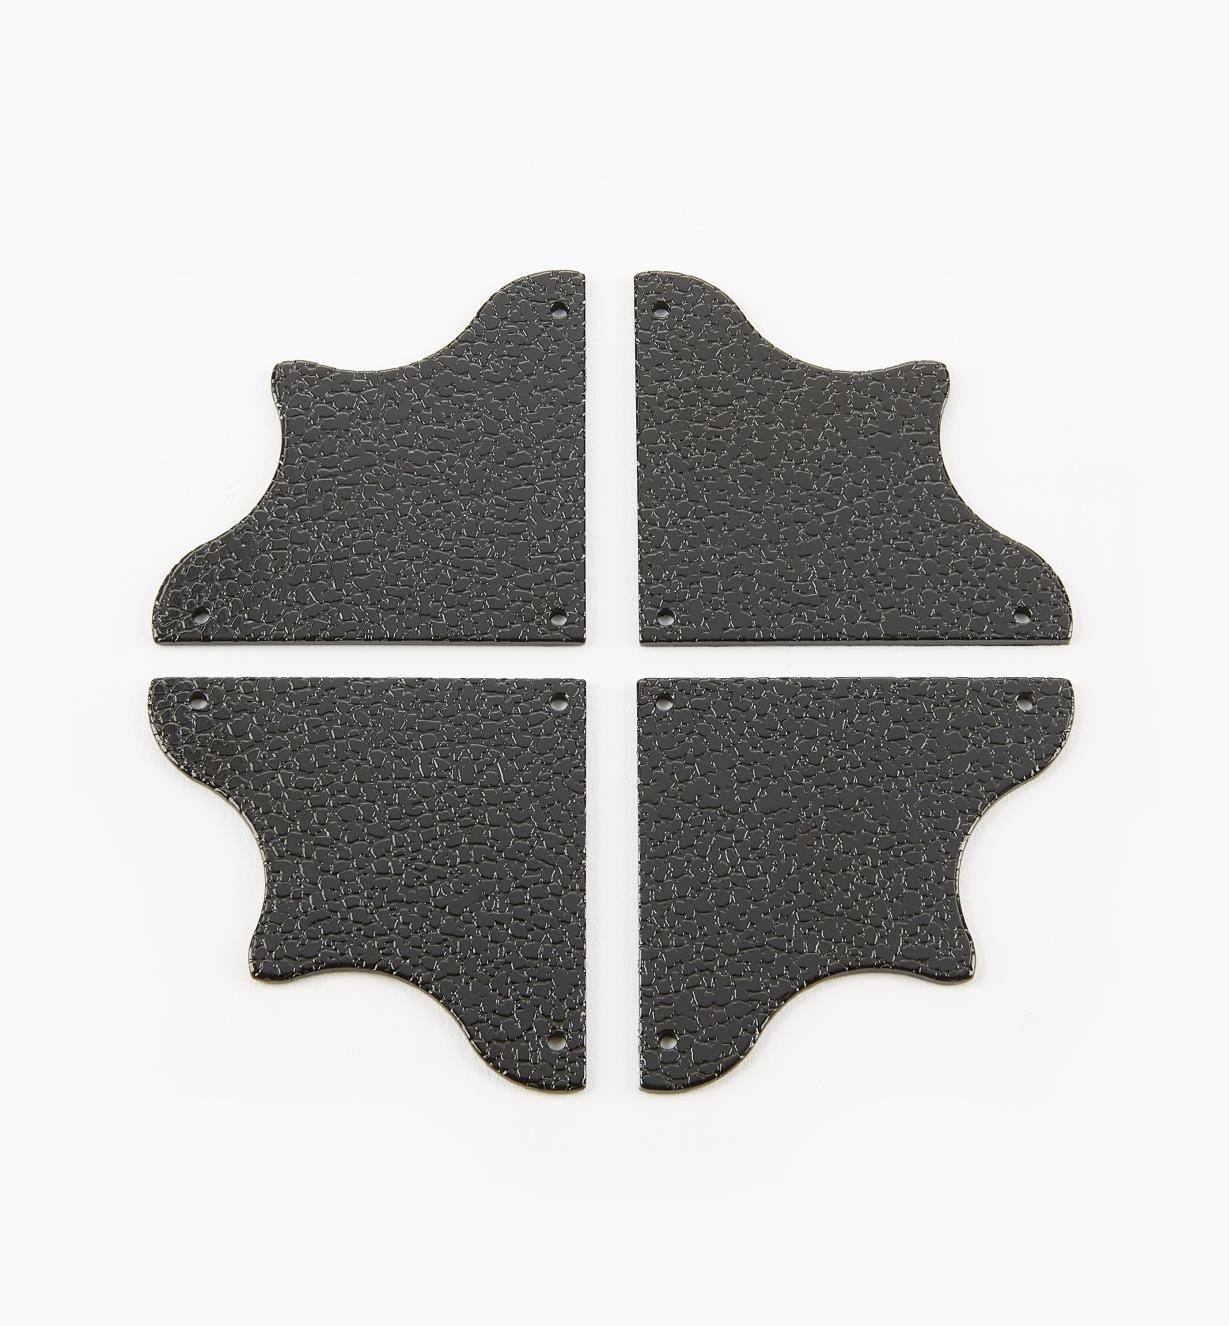 00D5635 - Plaques de coin de 49 mm x 49 mm, quincaillerie Tansu, fini estampé, le paquet de 4